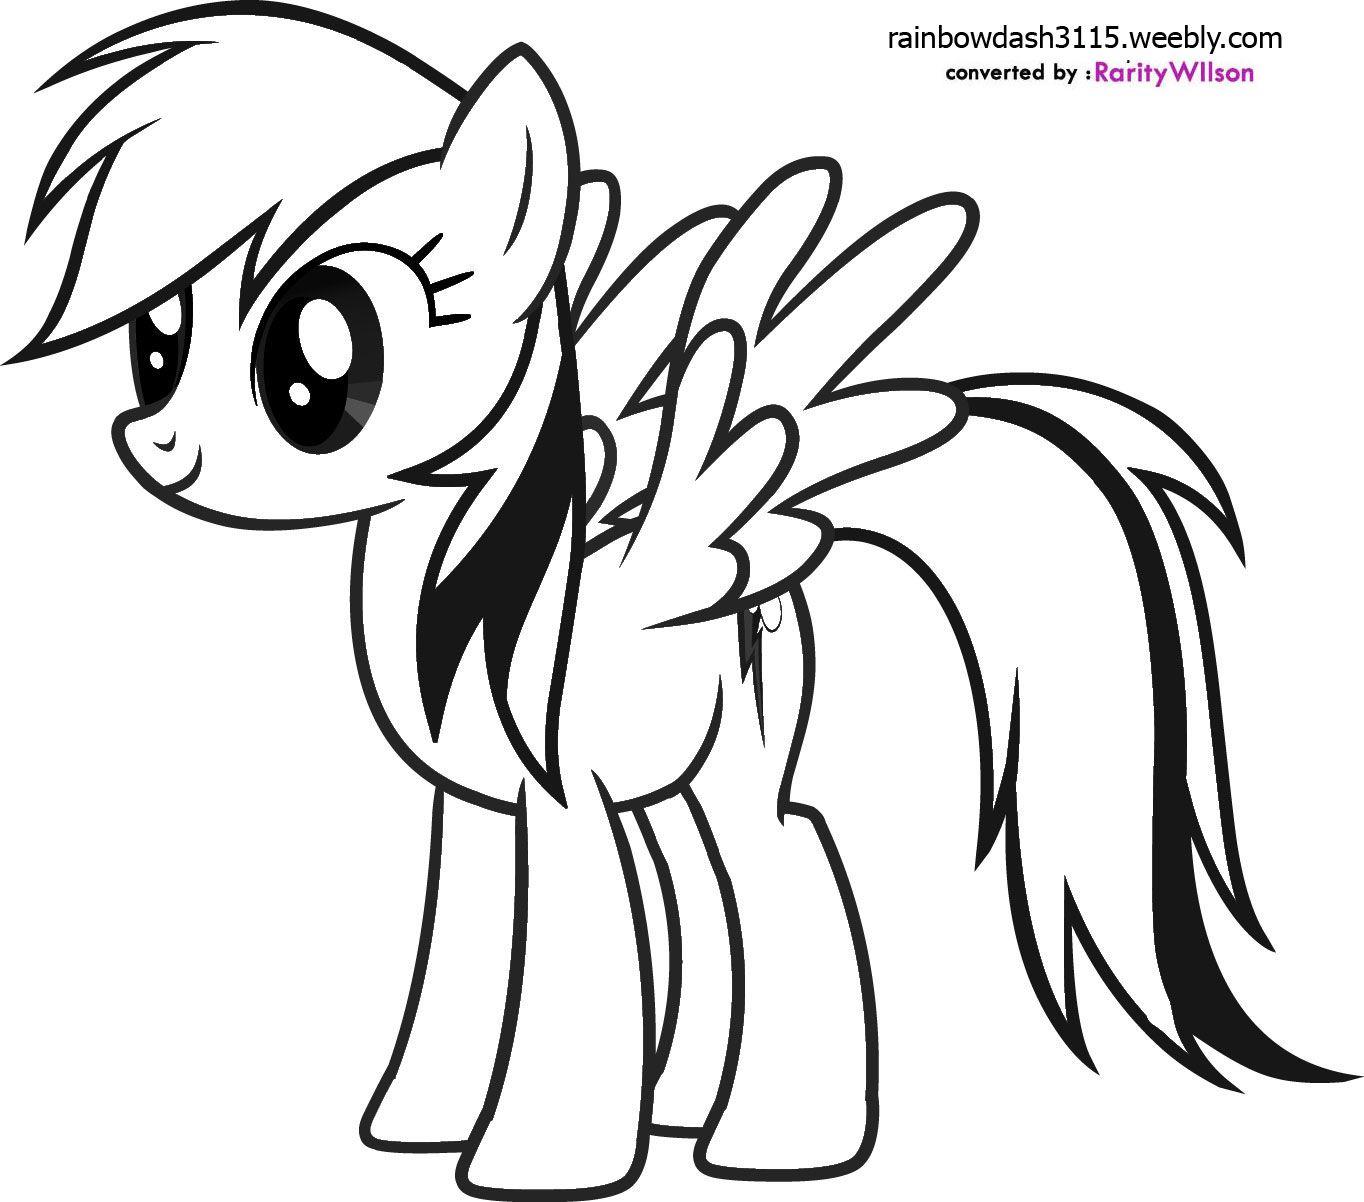 kostenlos herunterladen my little pony ausmalbild bedruckbar und ausdrucken Malvorlagen für Kinder Erwachsene Jugendliche